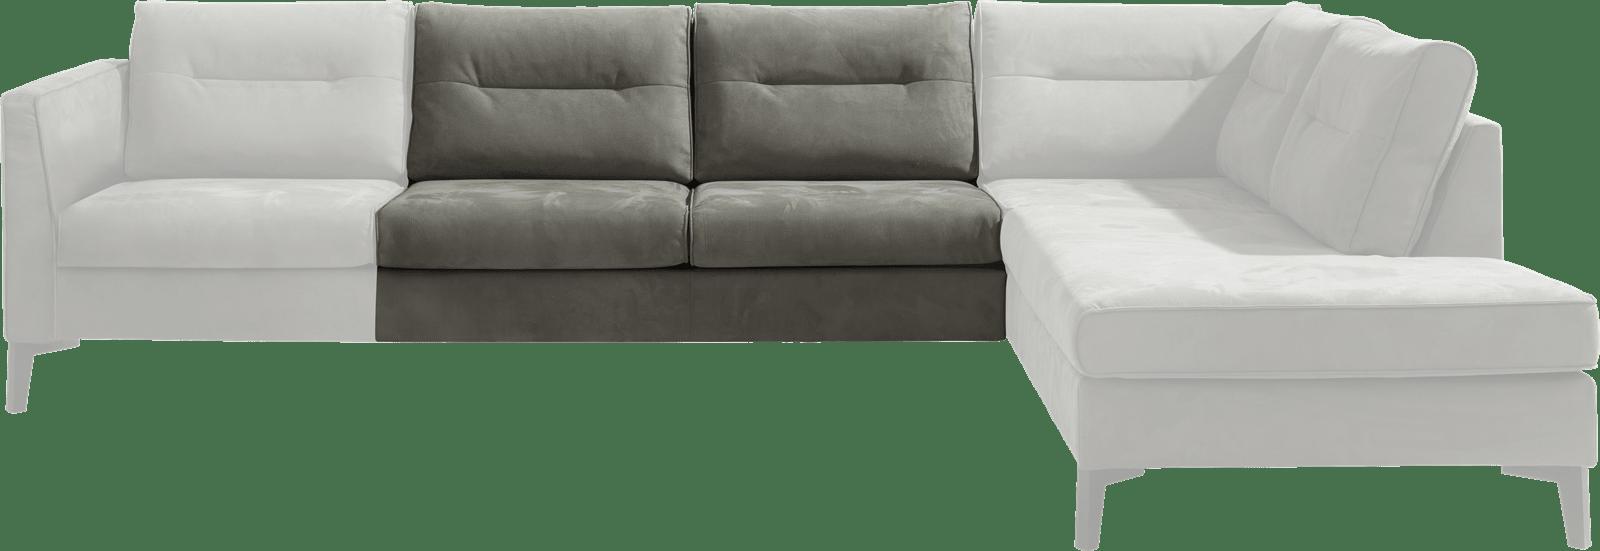 Mount - 2.5-zits zonder armen